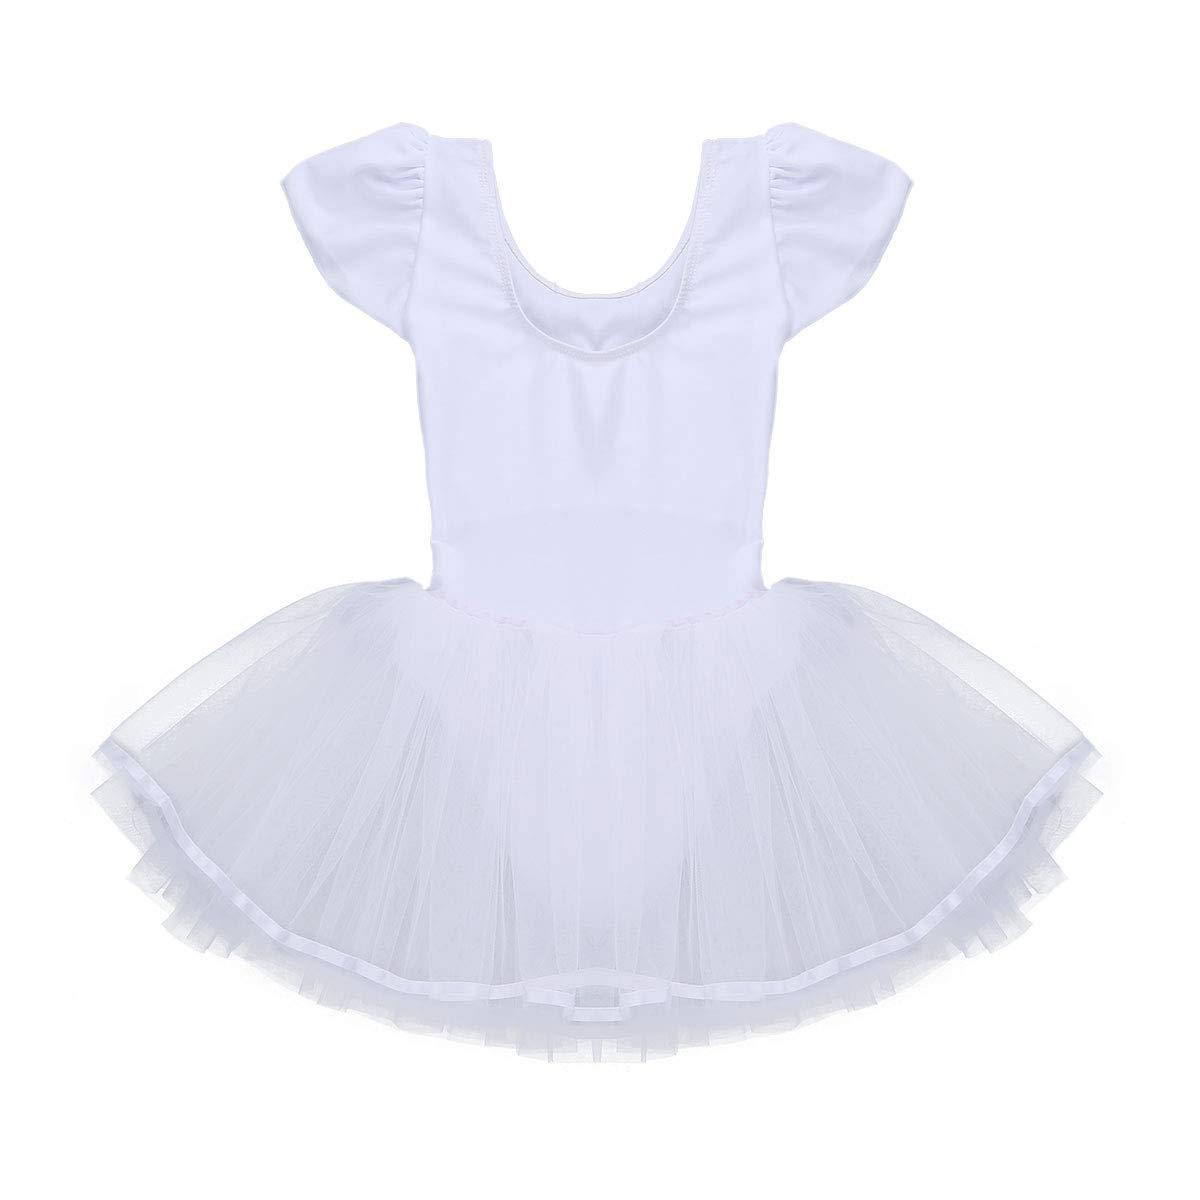 iEFiEL Bambina Leotard Vestito da Balletto Ragazza Body in Rete Pizzo Ginnastica Danza Classica Tutu Elegante Senza Manica Aderente Allenamento Ballo Bimba 4-12 Anni